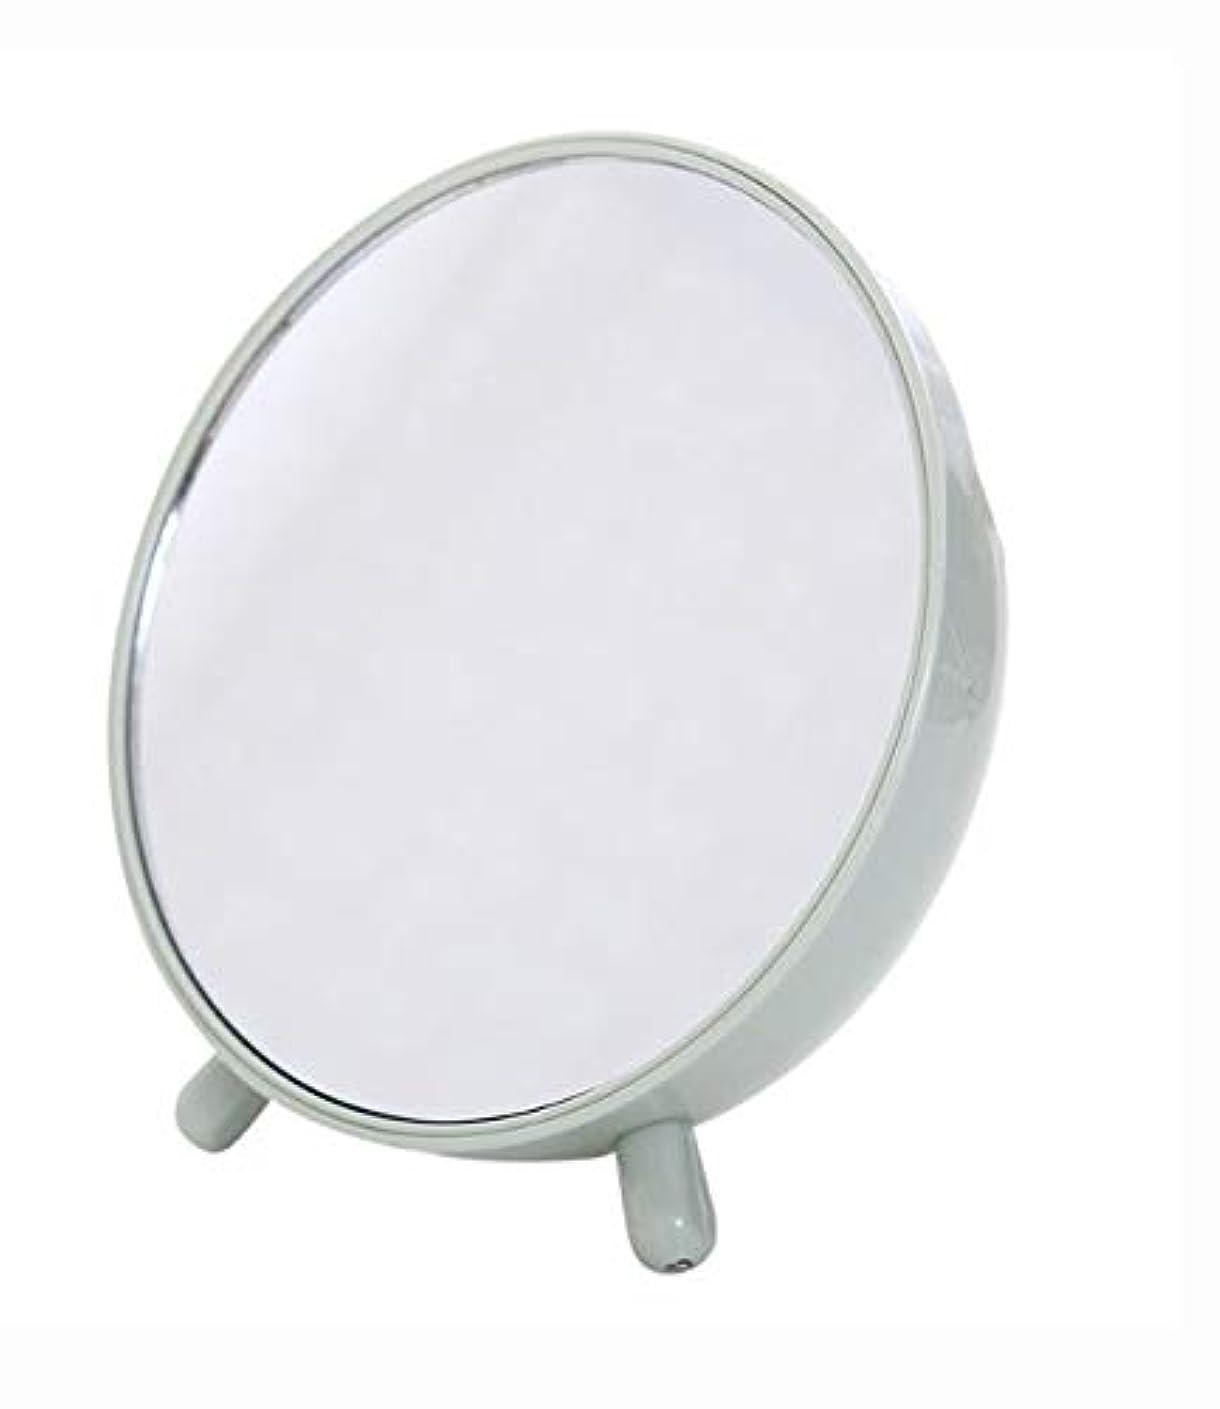 制限以降アソシエイト化粧鏡、収納箱の化粧品のギフトが付いている緑の簡単な円形のテーブルの化粧鏡